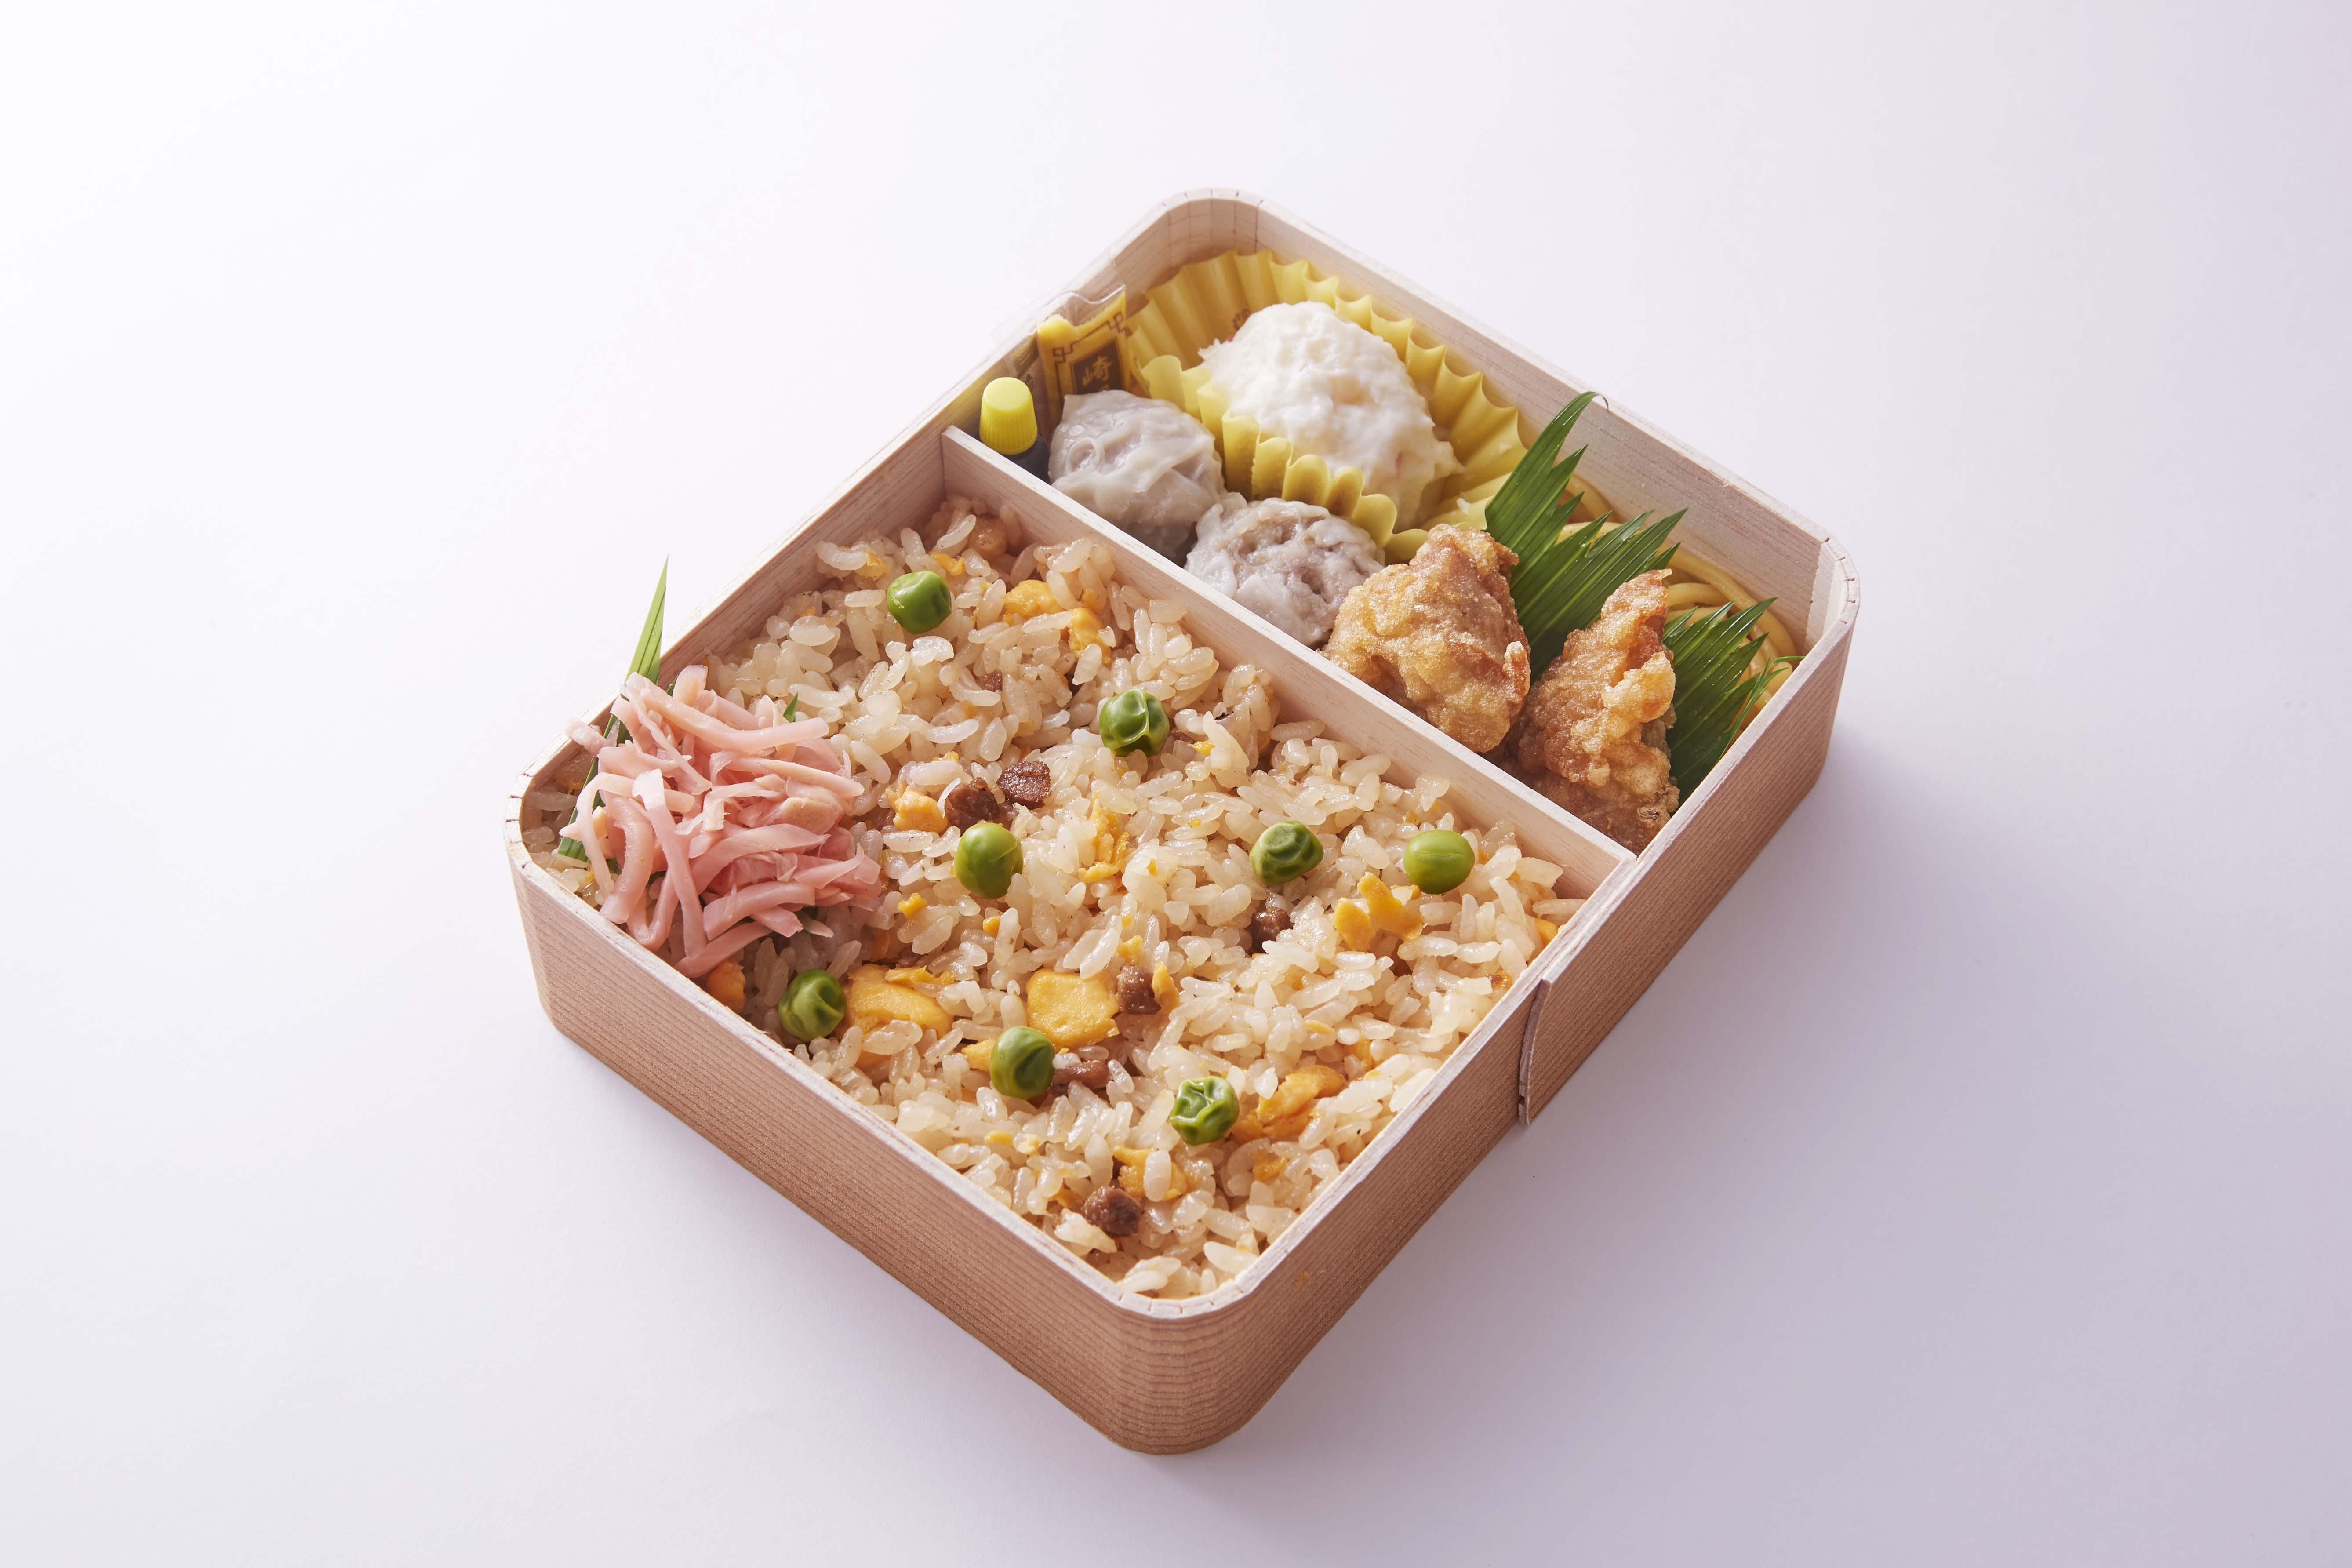 Foods & Shop - ハマの炒飯弁当